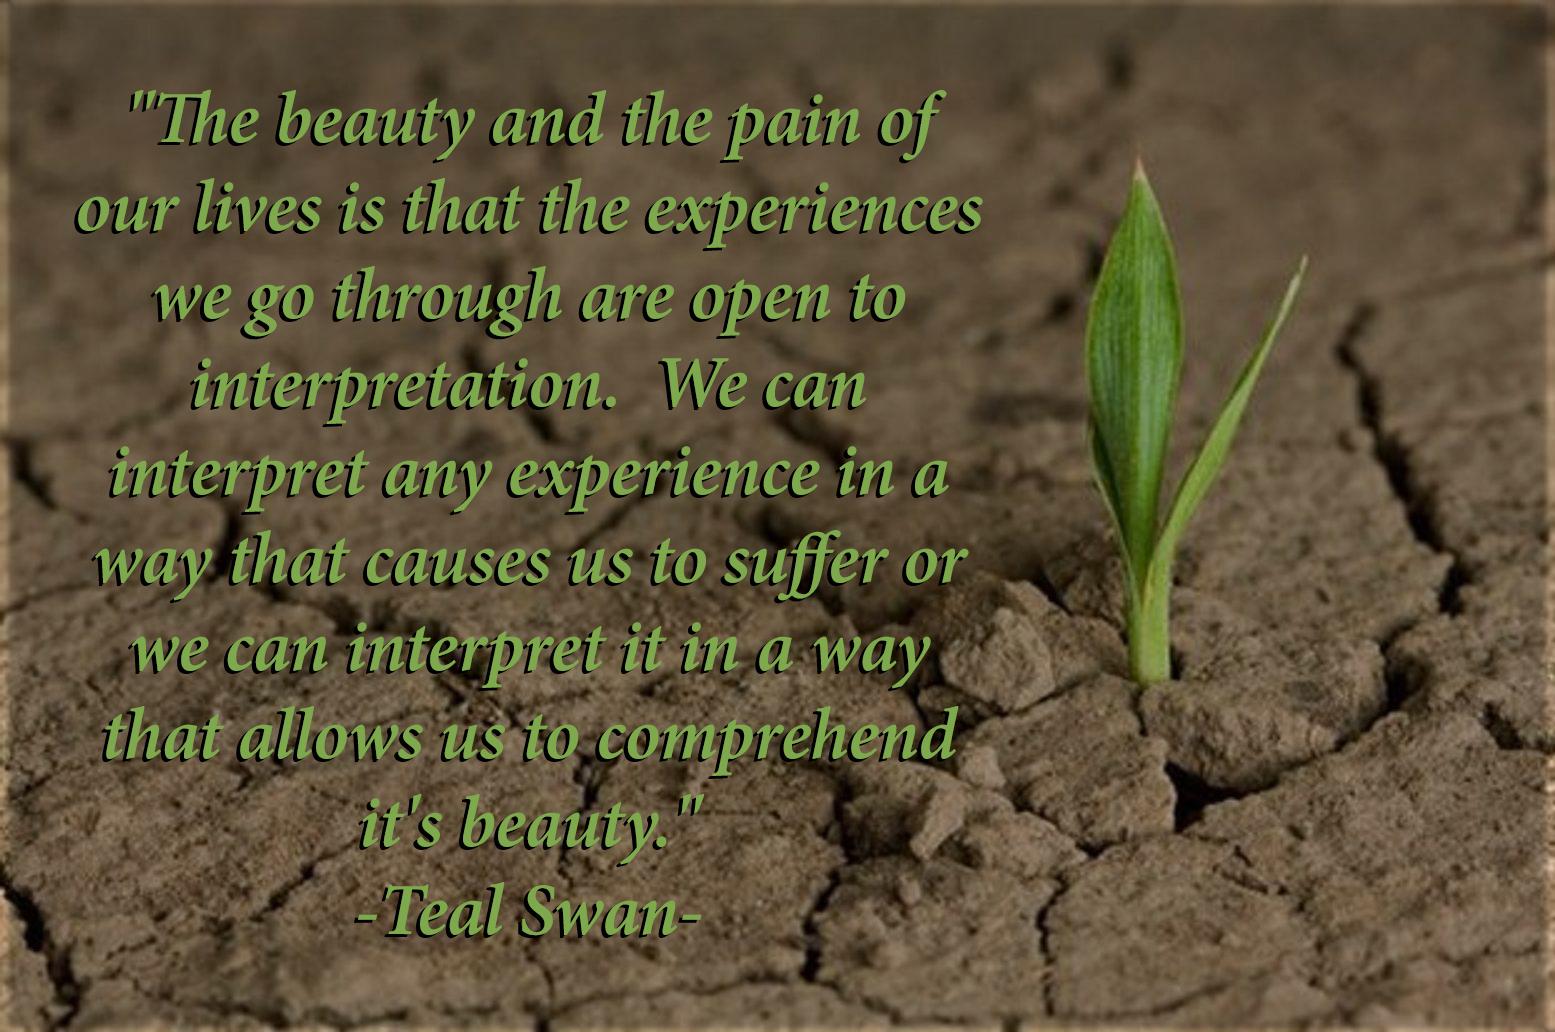 Beauty-of-Interpretation.jpg